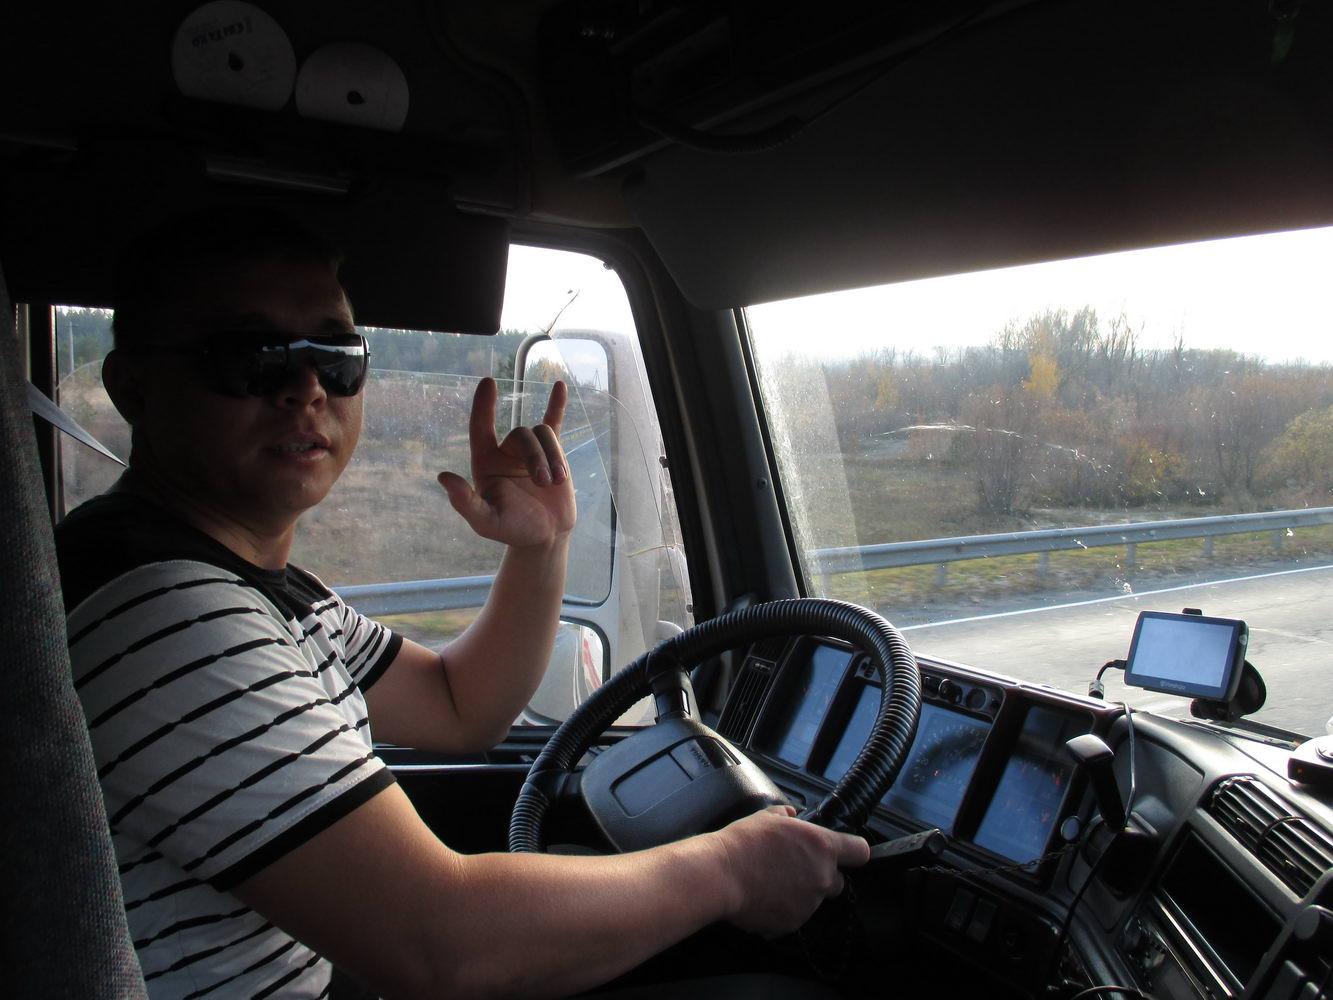 водитель узбекской фуры. автостопом в украину